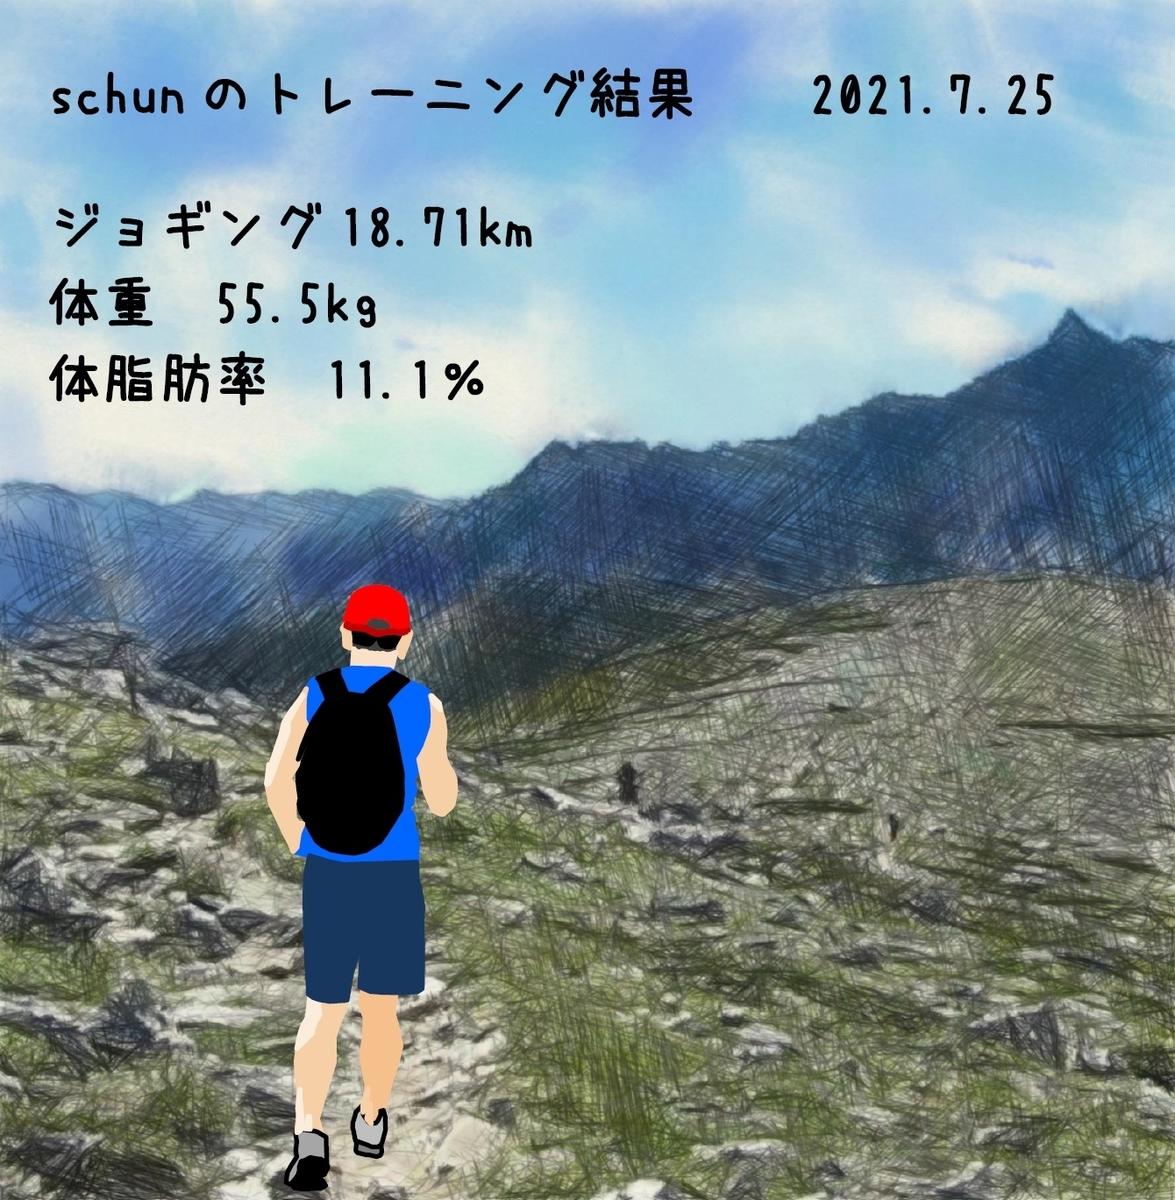 f:id:schunchi2007:20210725112213j:plain